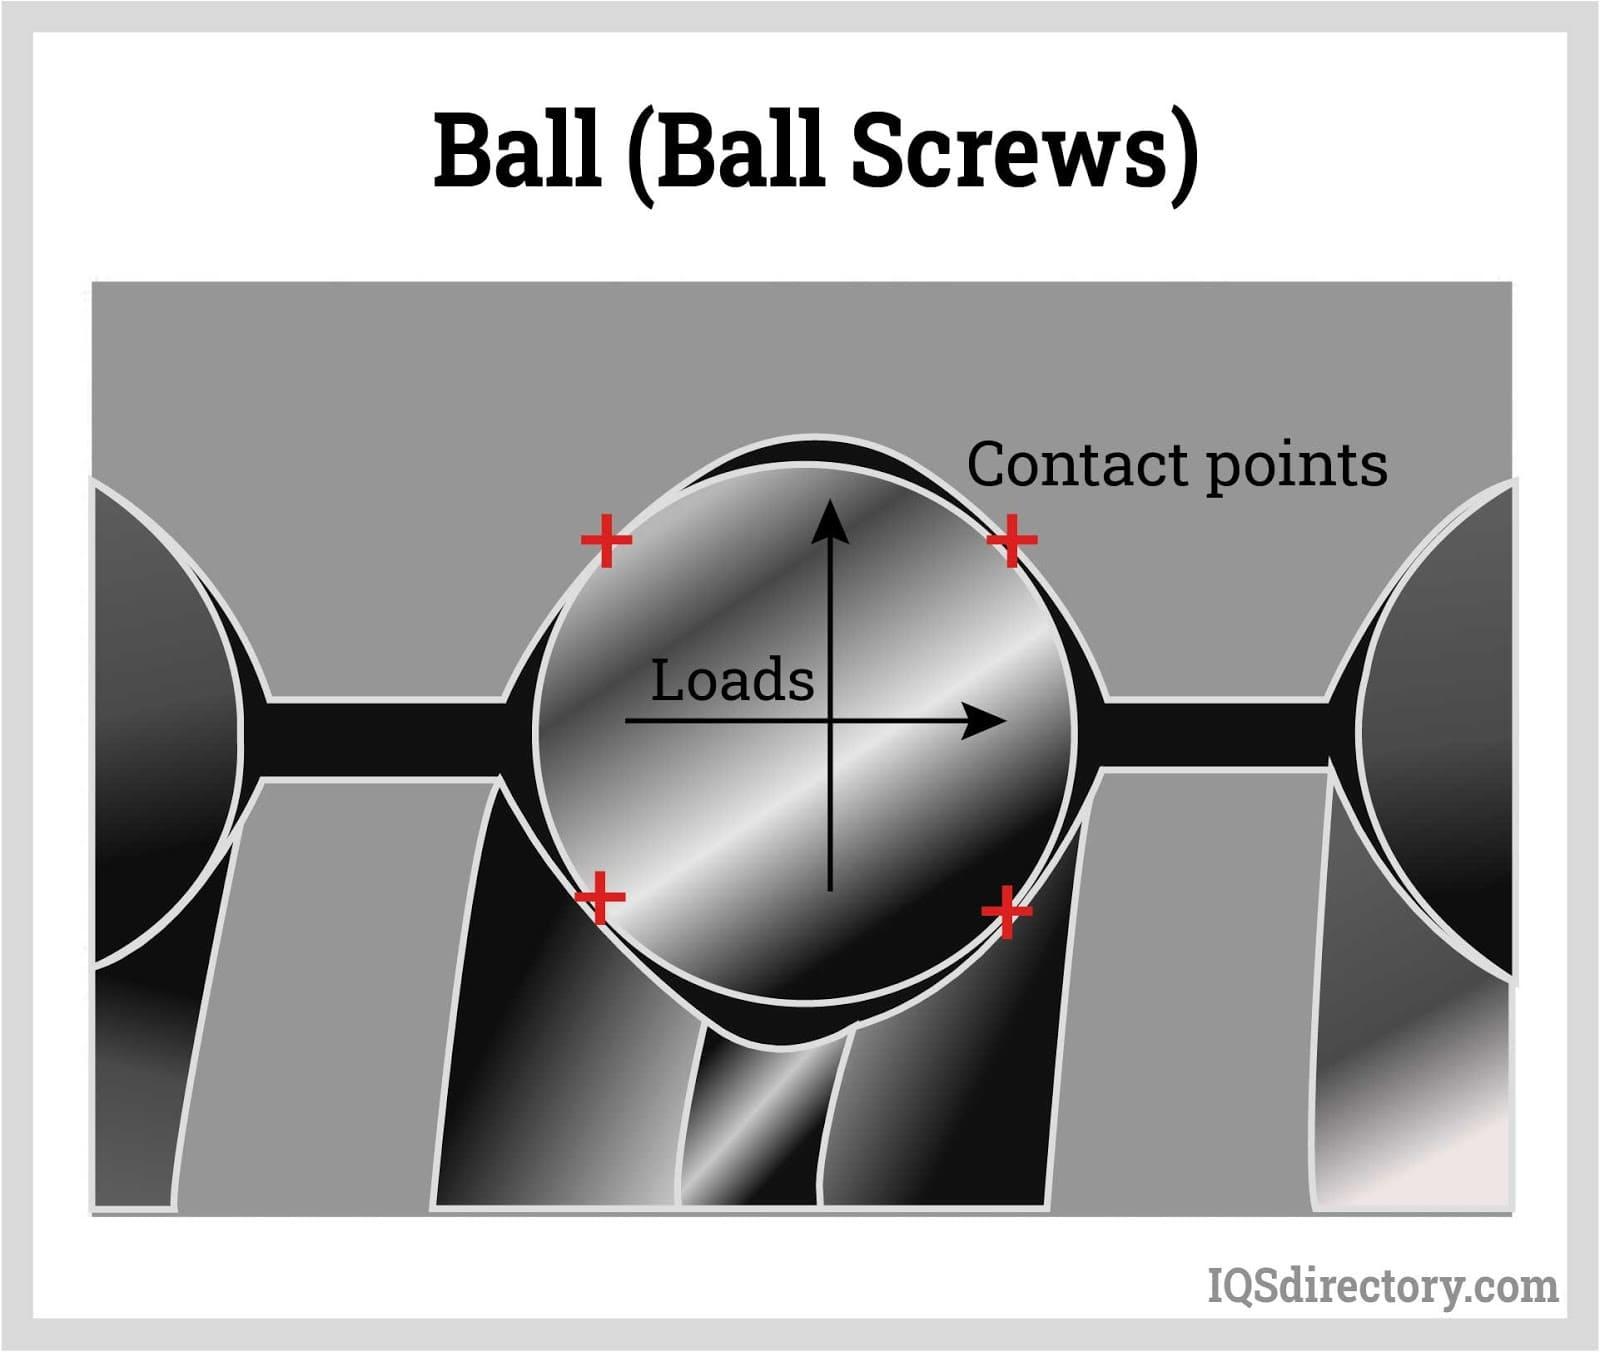 Ball (Ball Screws)